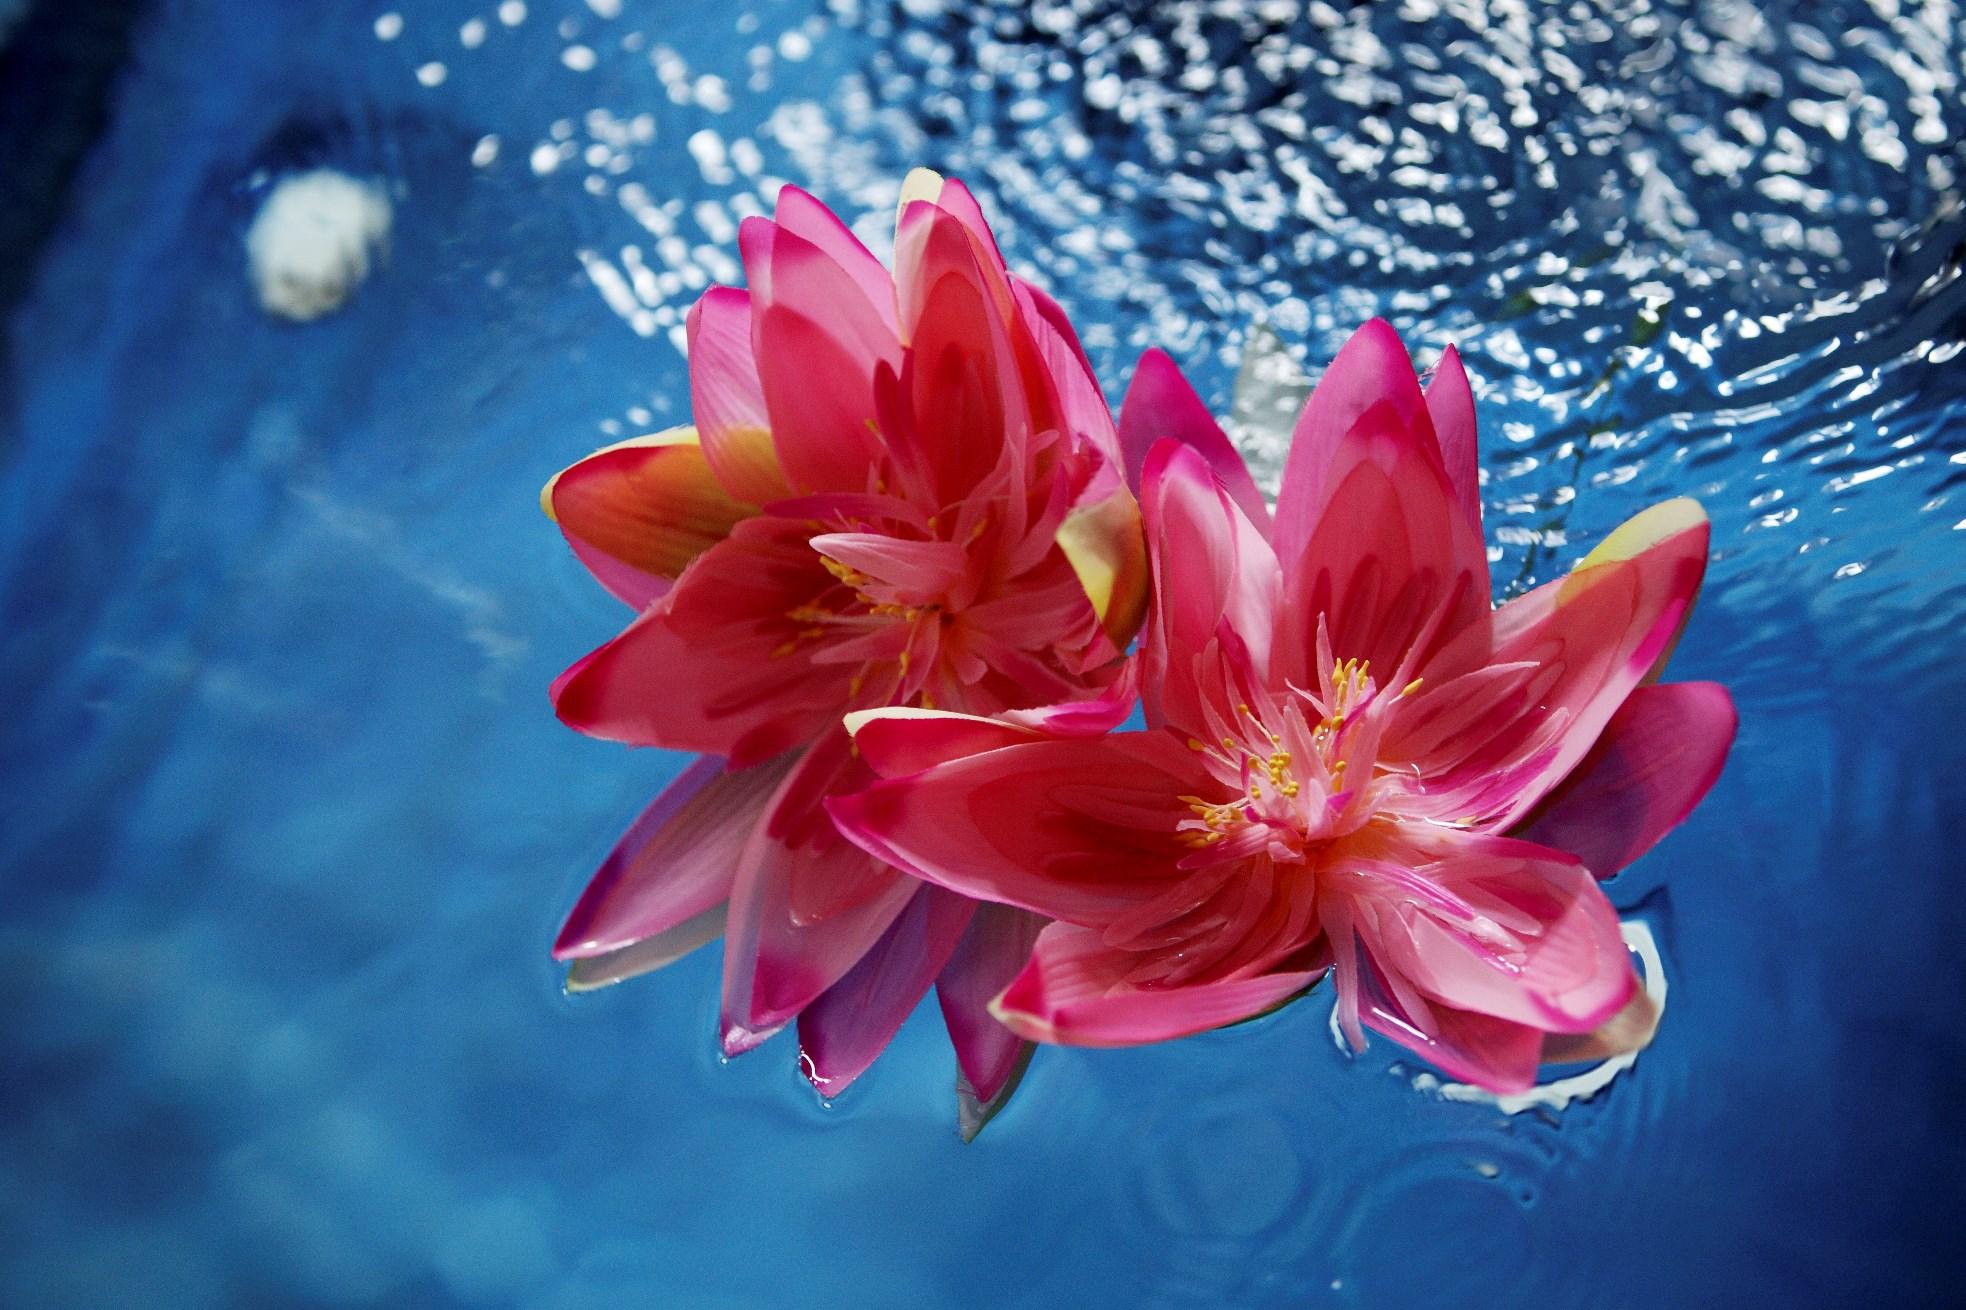 Očisťujúca a harmonizujúca meditácia